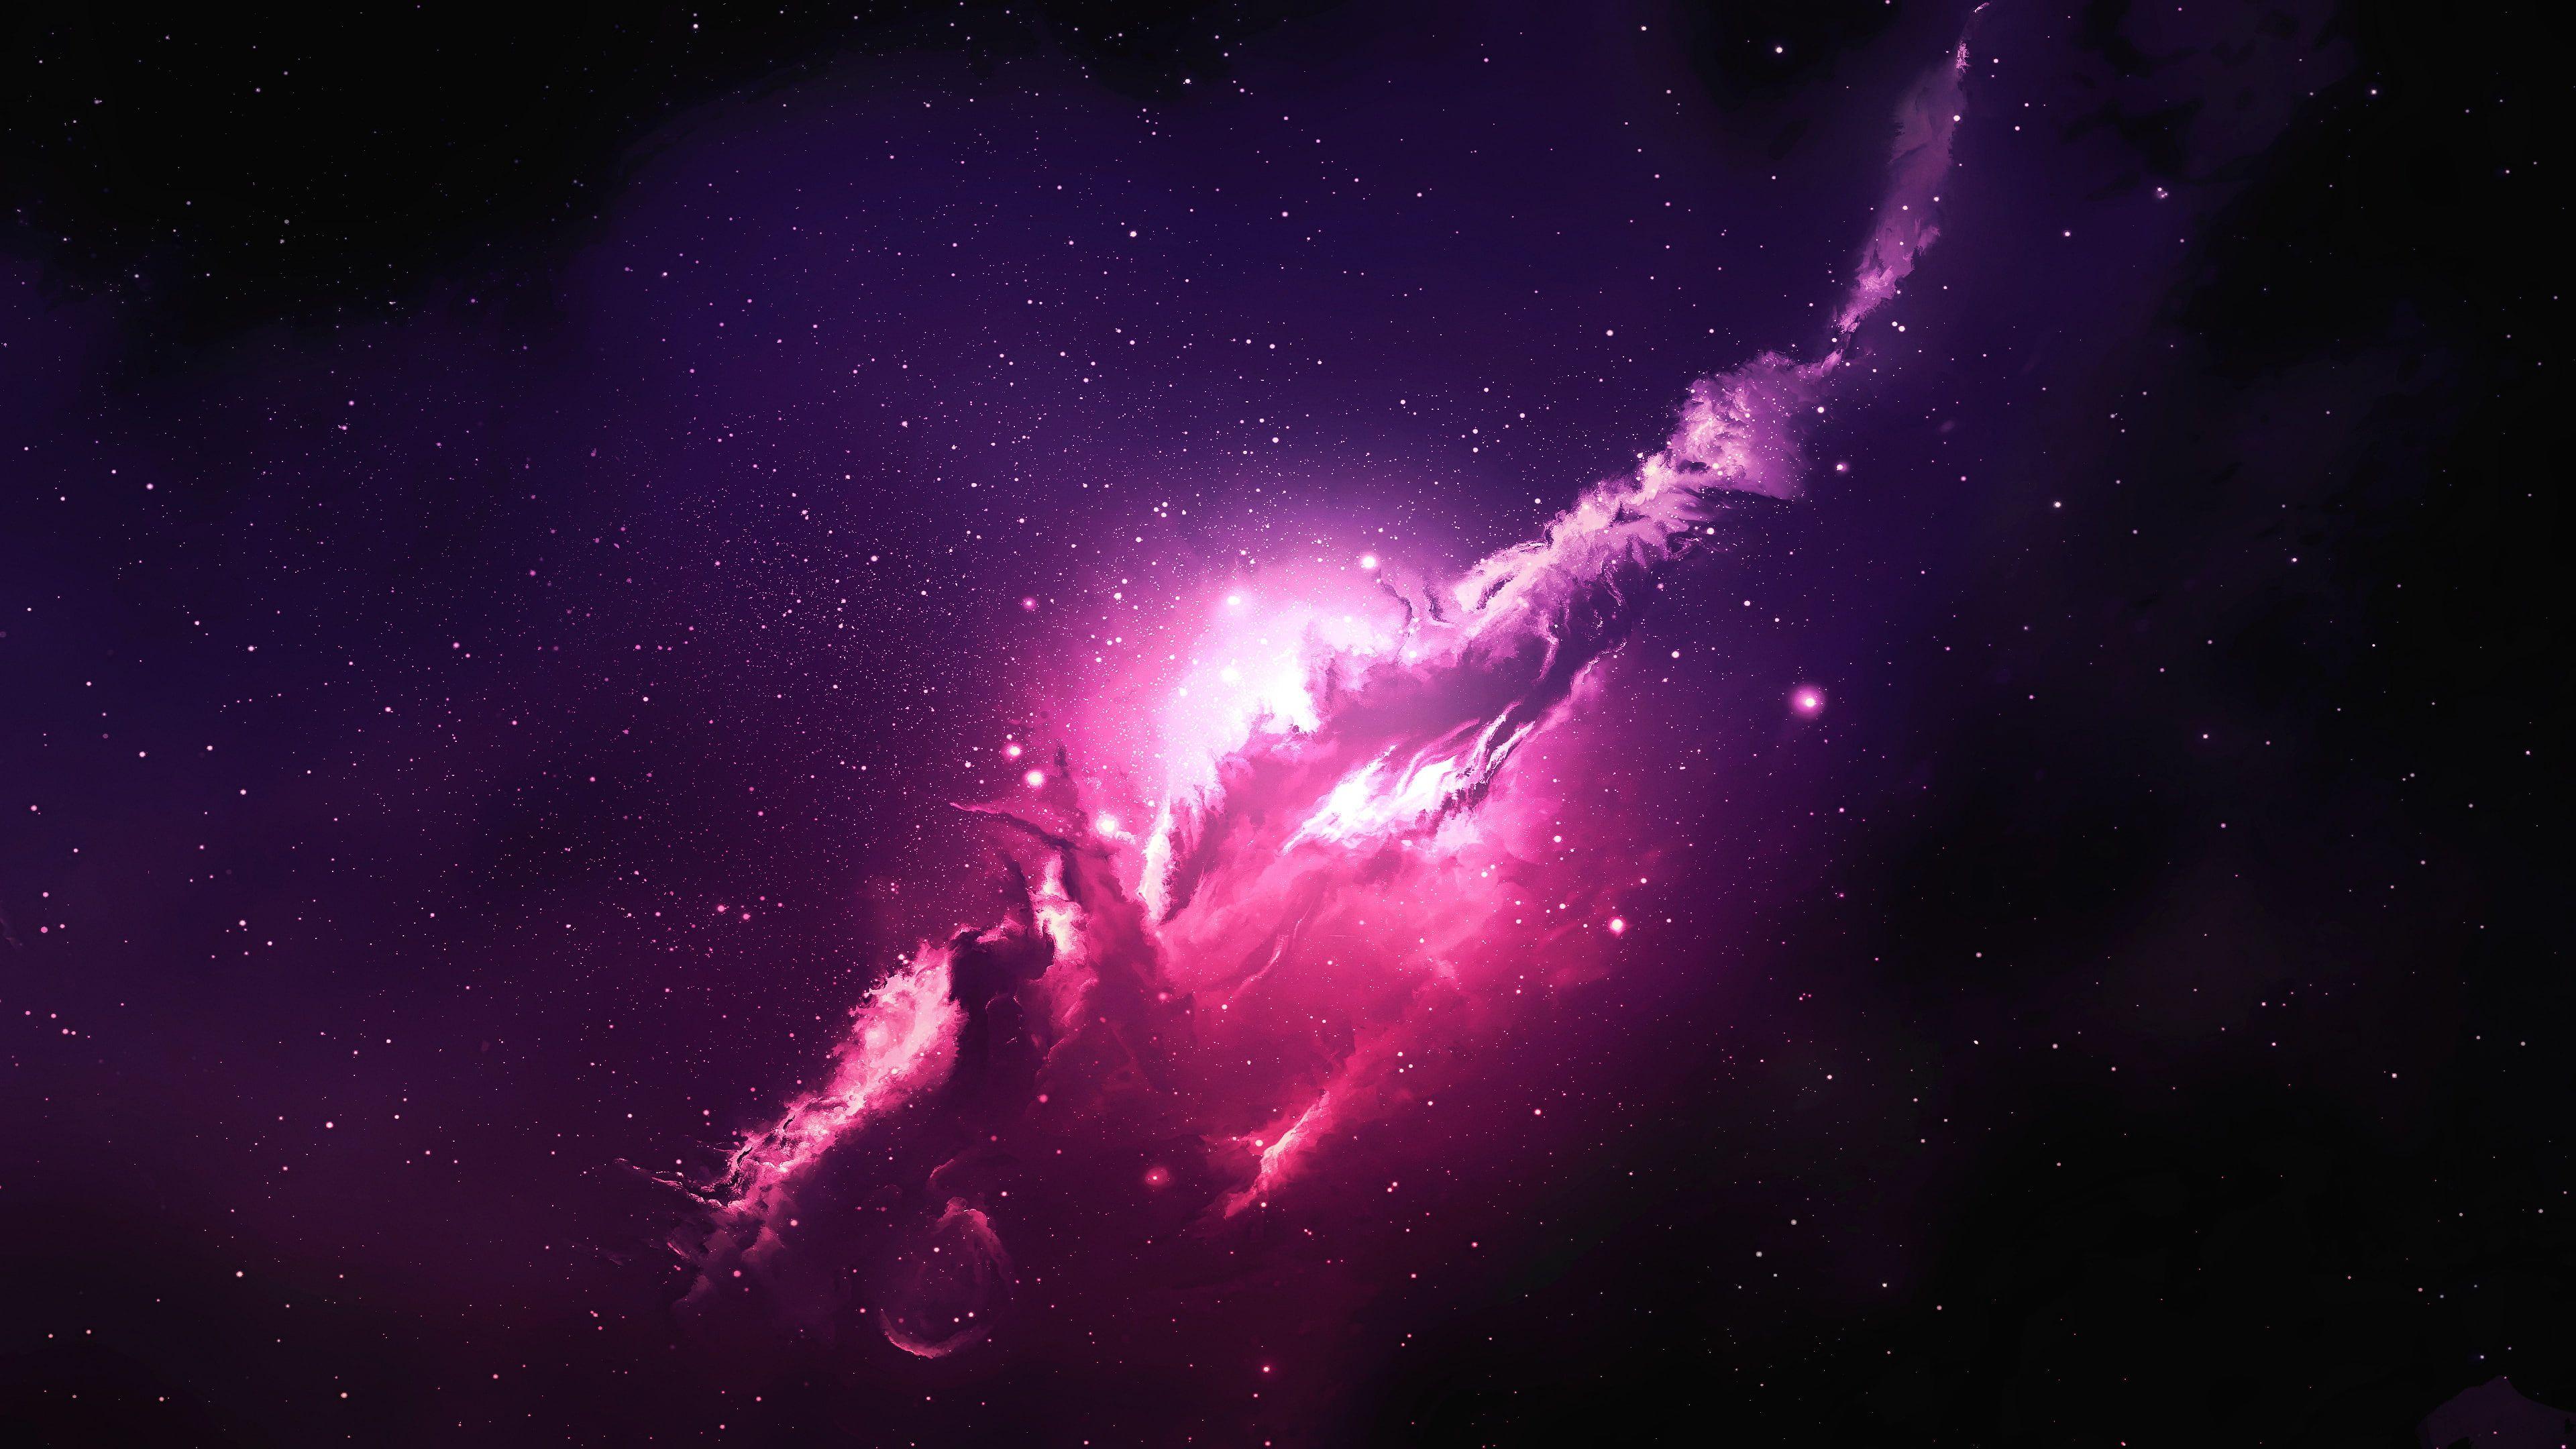 Nebula Stars Universe Galaxy Space 4k Digital Universe Hd 4k Wallpaper Hdwallpaper Desktop Nebula Wallpaper Wallpaper Space Galaxy Wallpaper